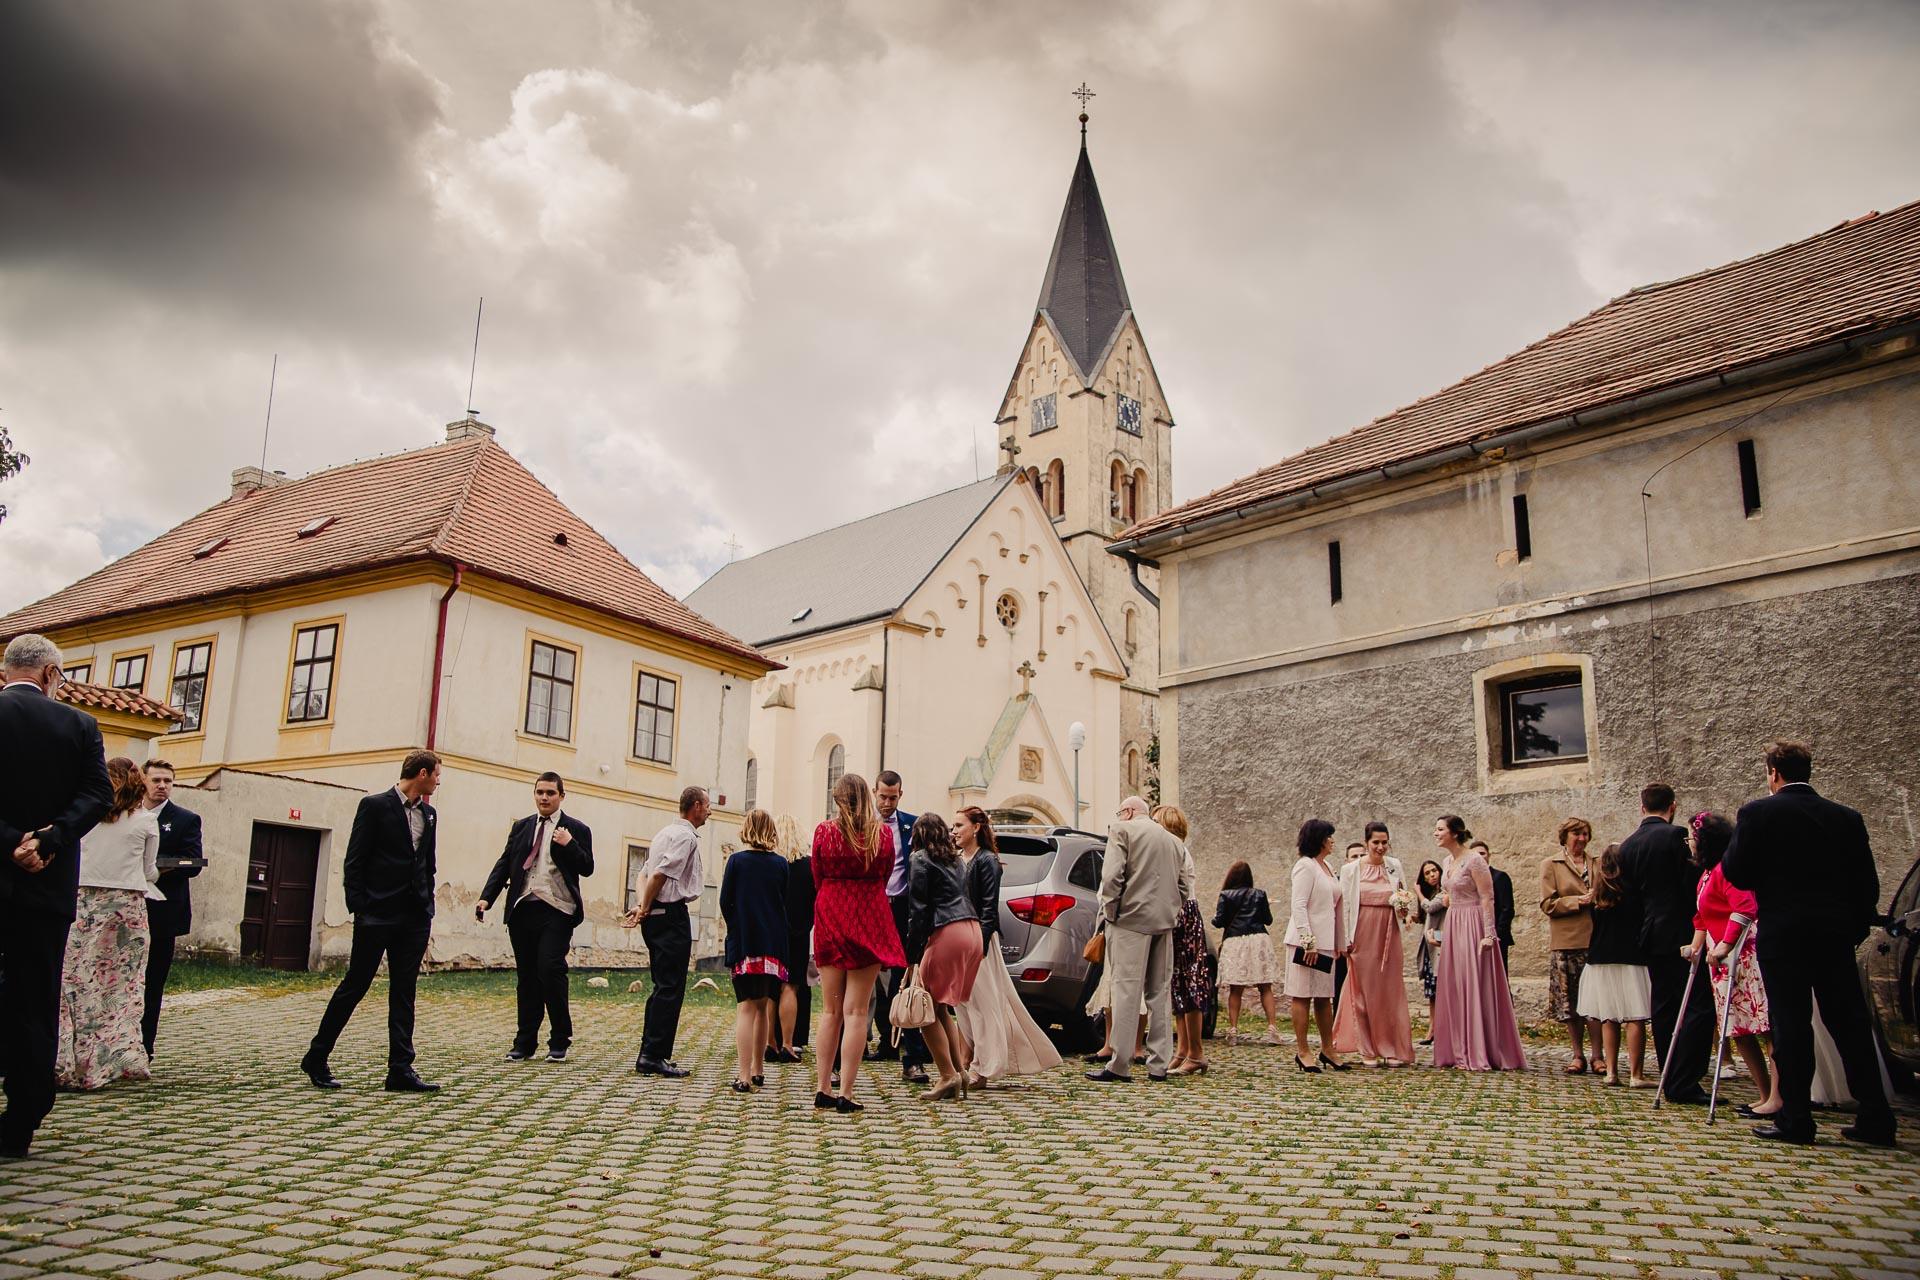 svatební fotograf Praha,svatba střední čechy, církevní obřad, svatba v kostele, nejhezčí svatební fotografie-2120